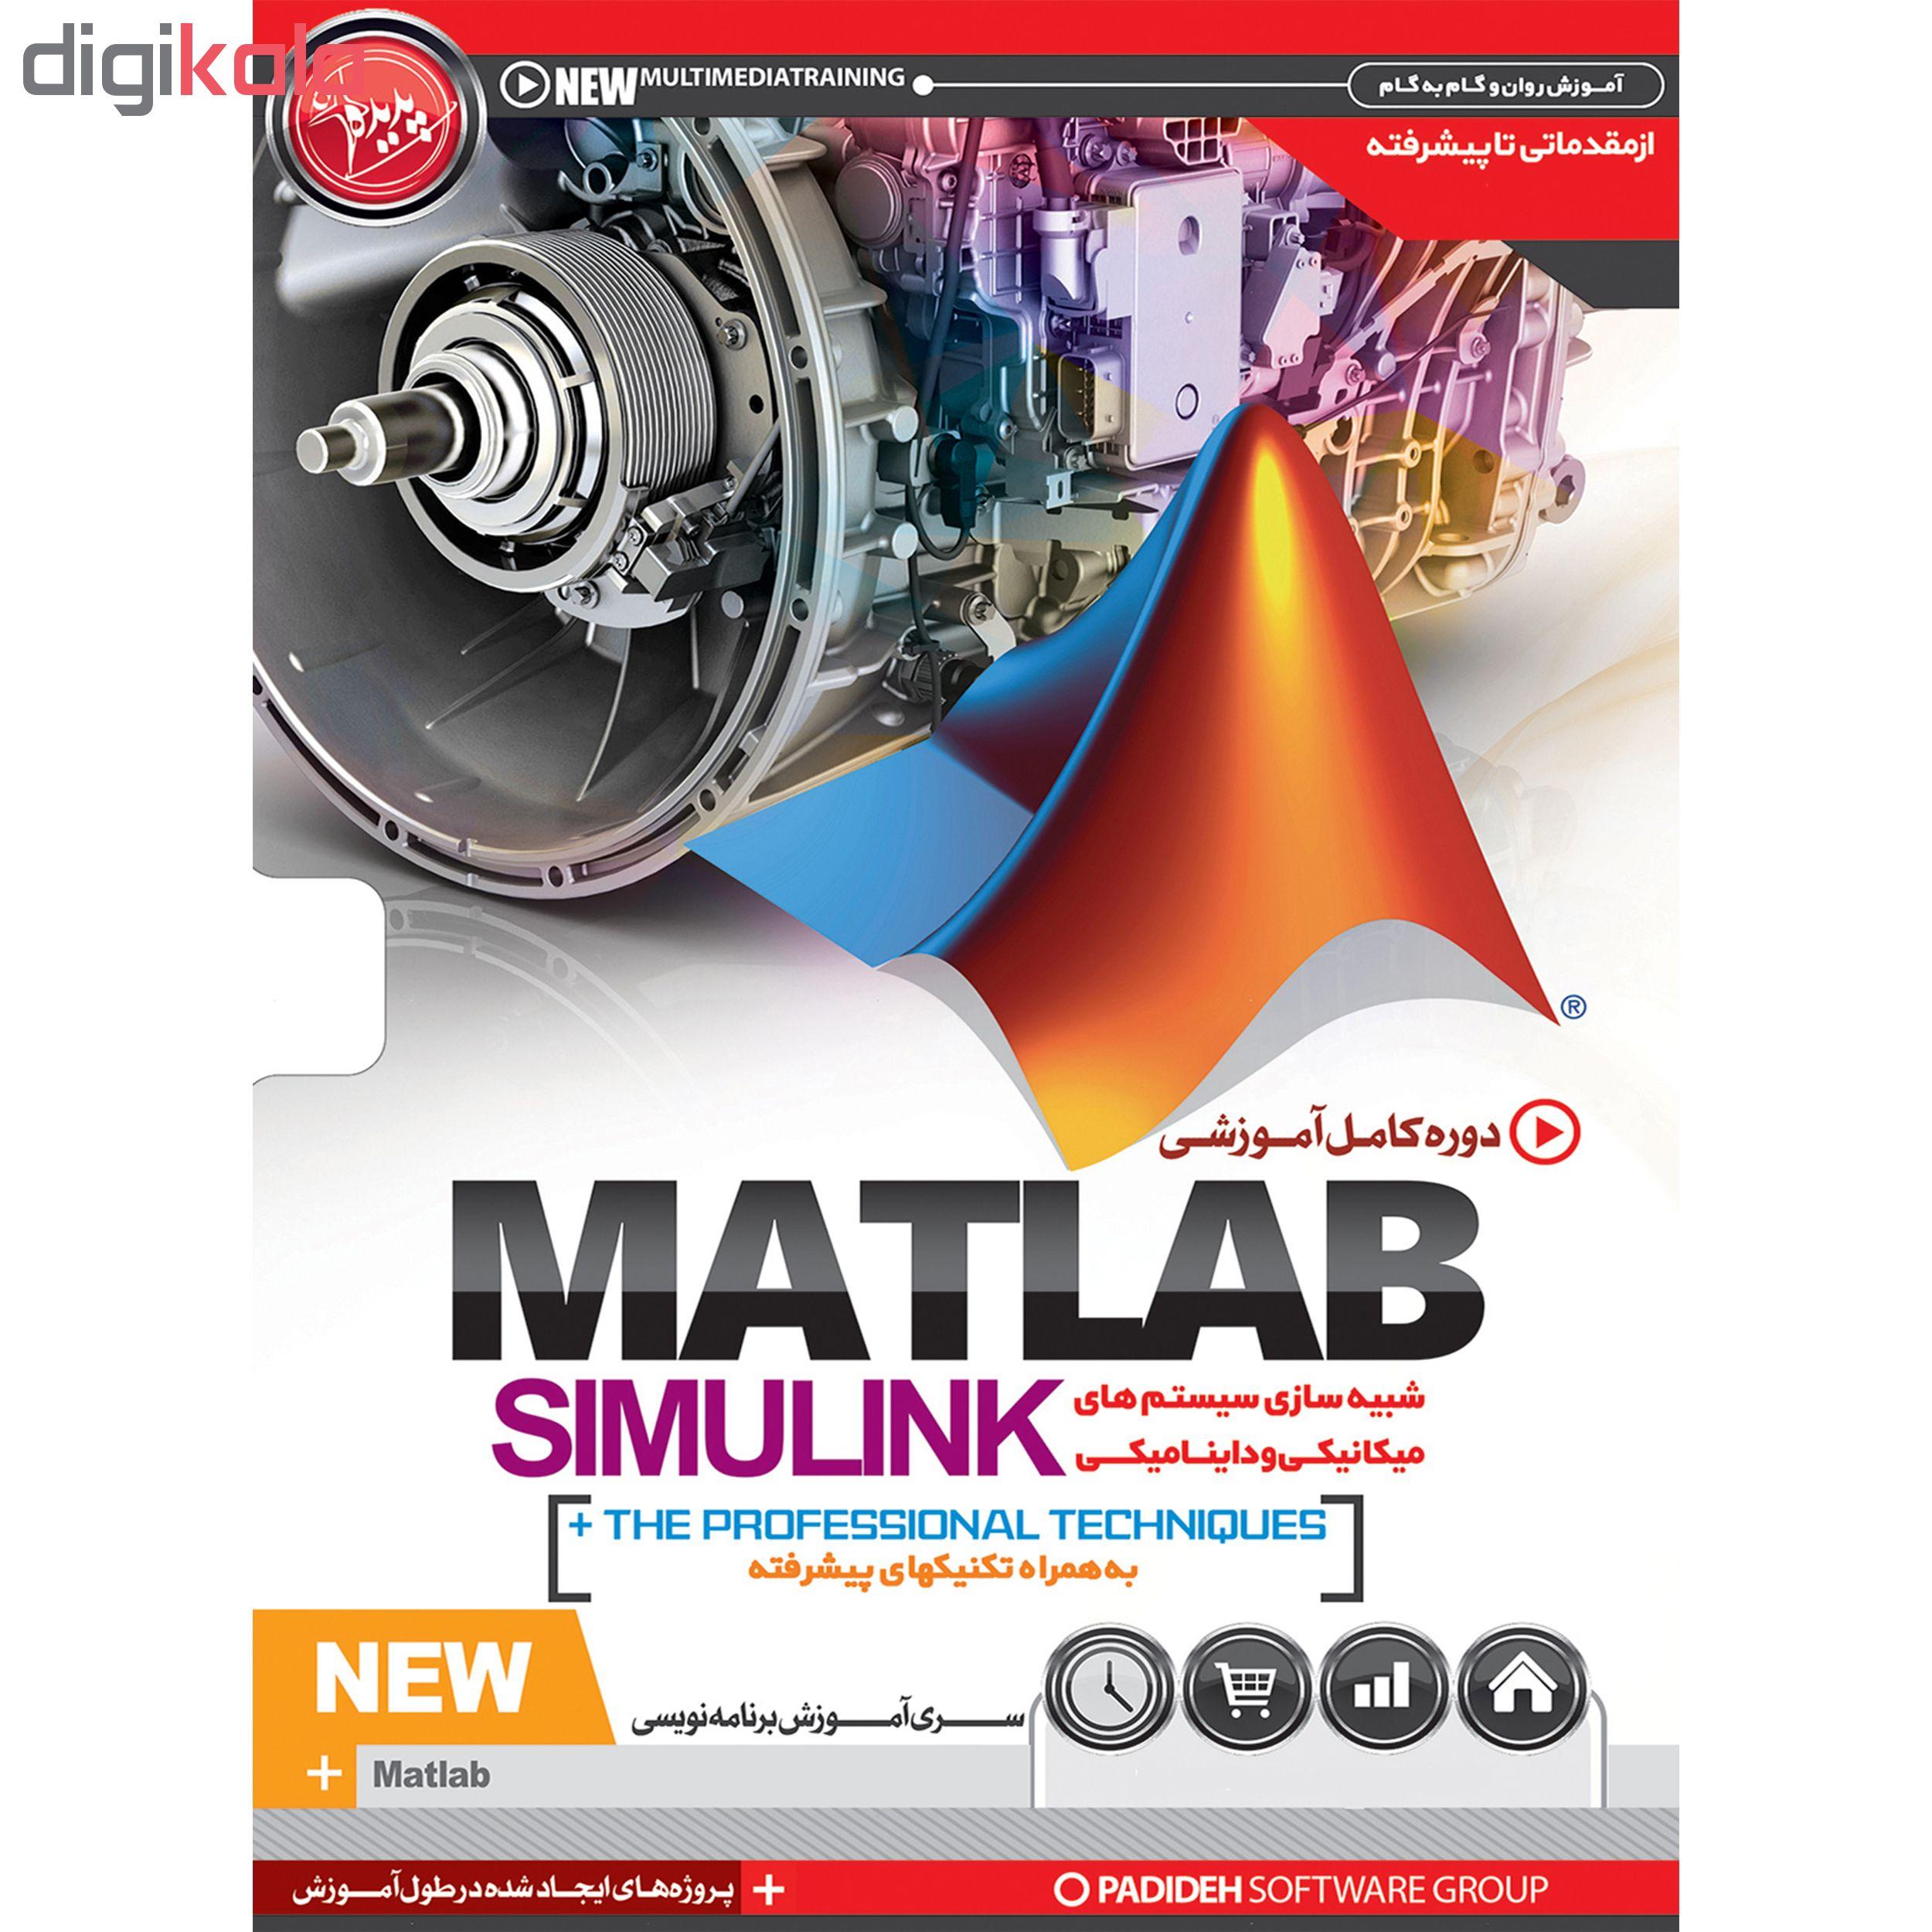 نرم افزار آموزش MATLAB + SIMULINK نشر نوین پندار به همراه نرم افزار آموزش MATLAB SIMULINK نشر پدیده